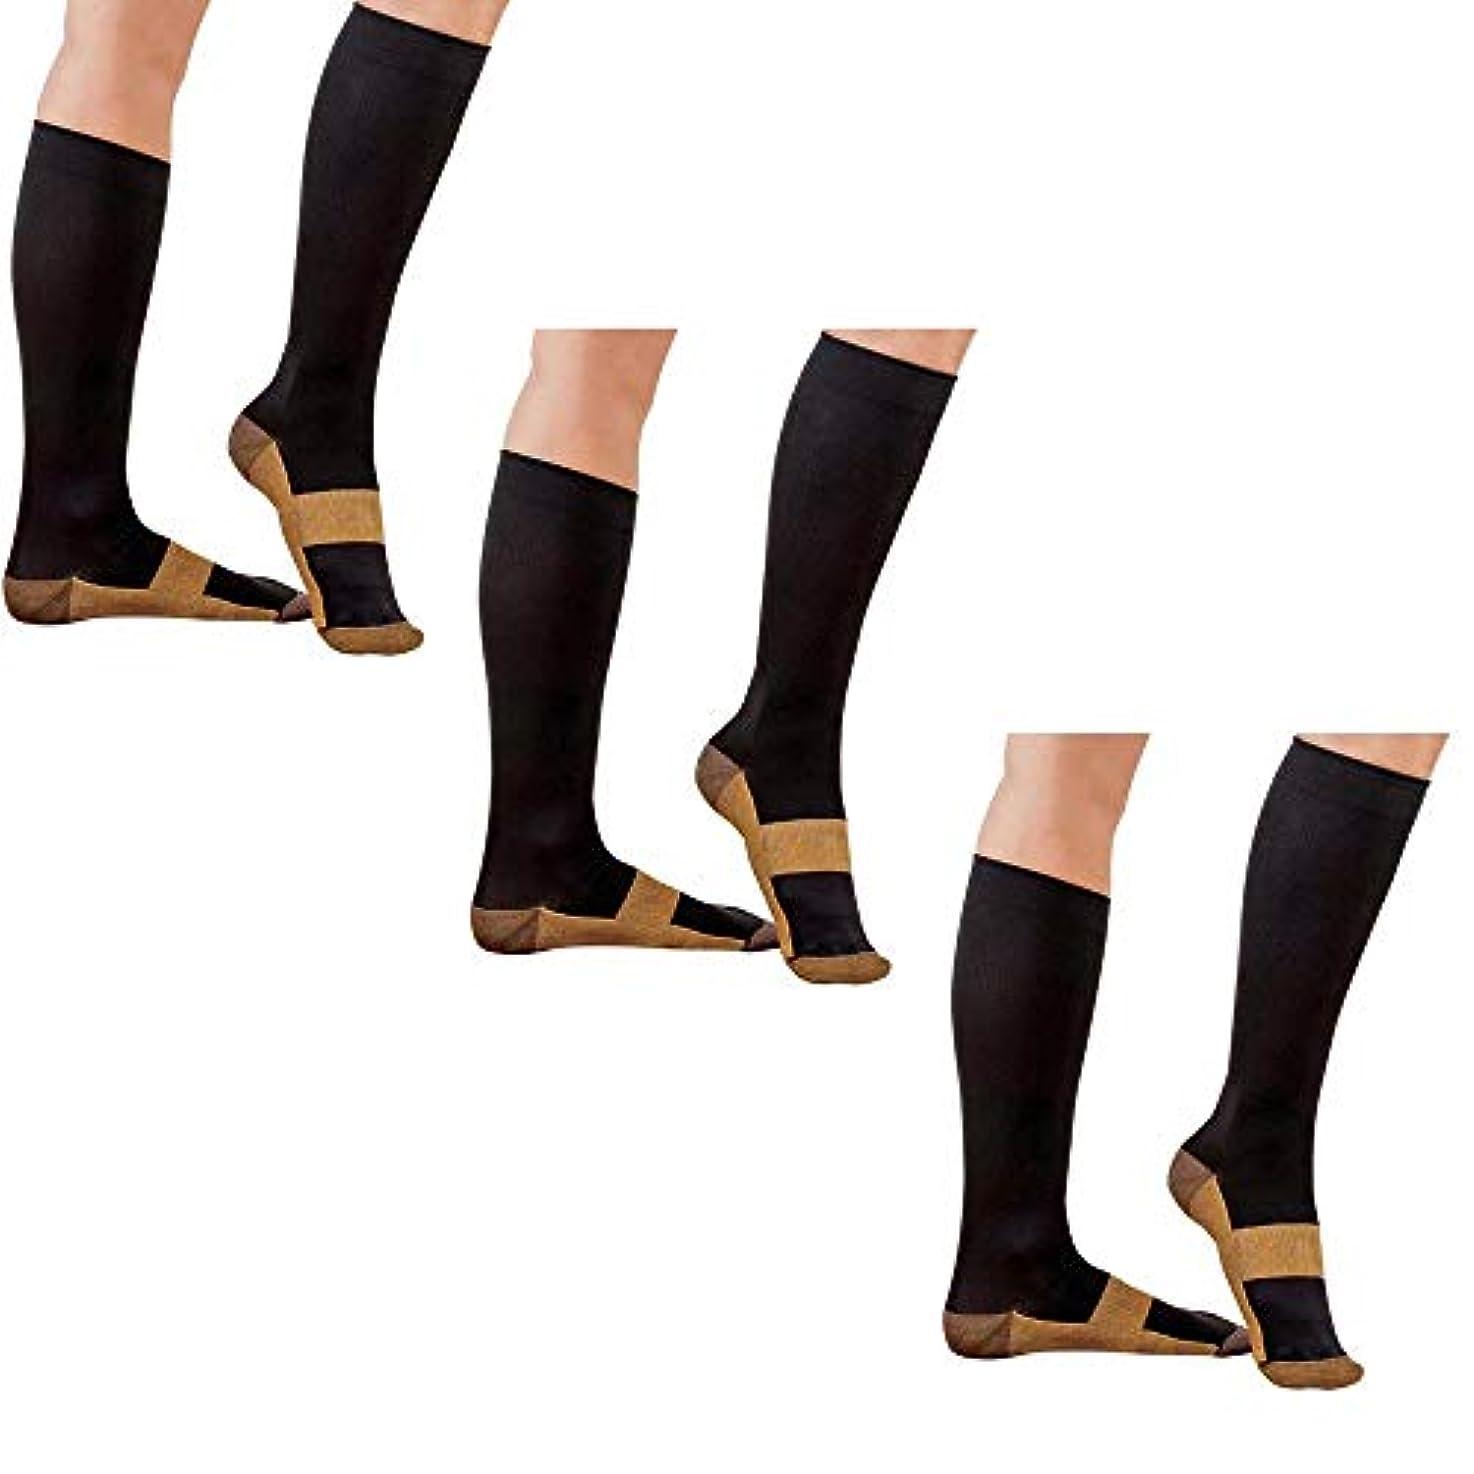 毎日売る大腿3足組 足底筋膜炎ソックス 20-30mmHg 着圧ソックス 加圧ソックス スポーツソックス ふくらはぎ 静脈瘤 リンパケア ひざ下 血行改善 むくみケア用靴下 ハイソックス むくみ 解消 足 メンズ レディース(S/M)